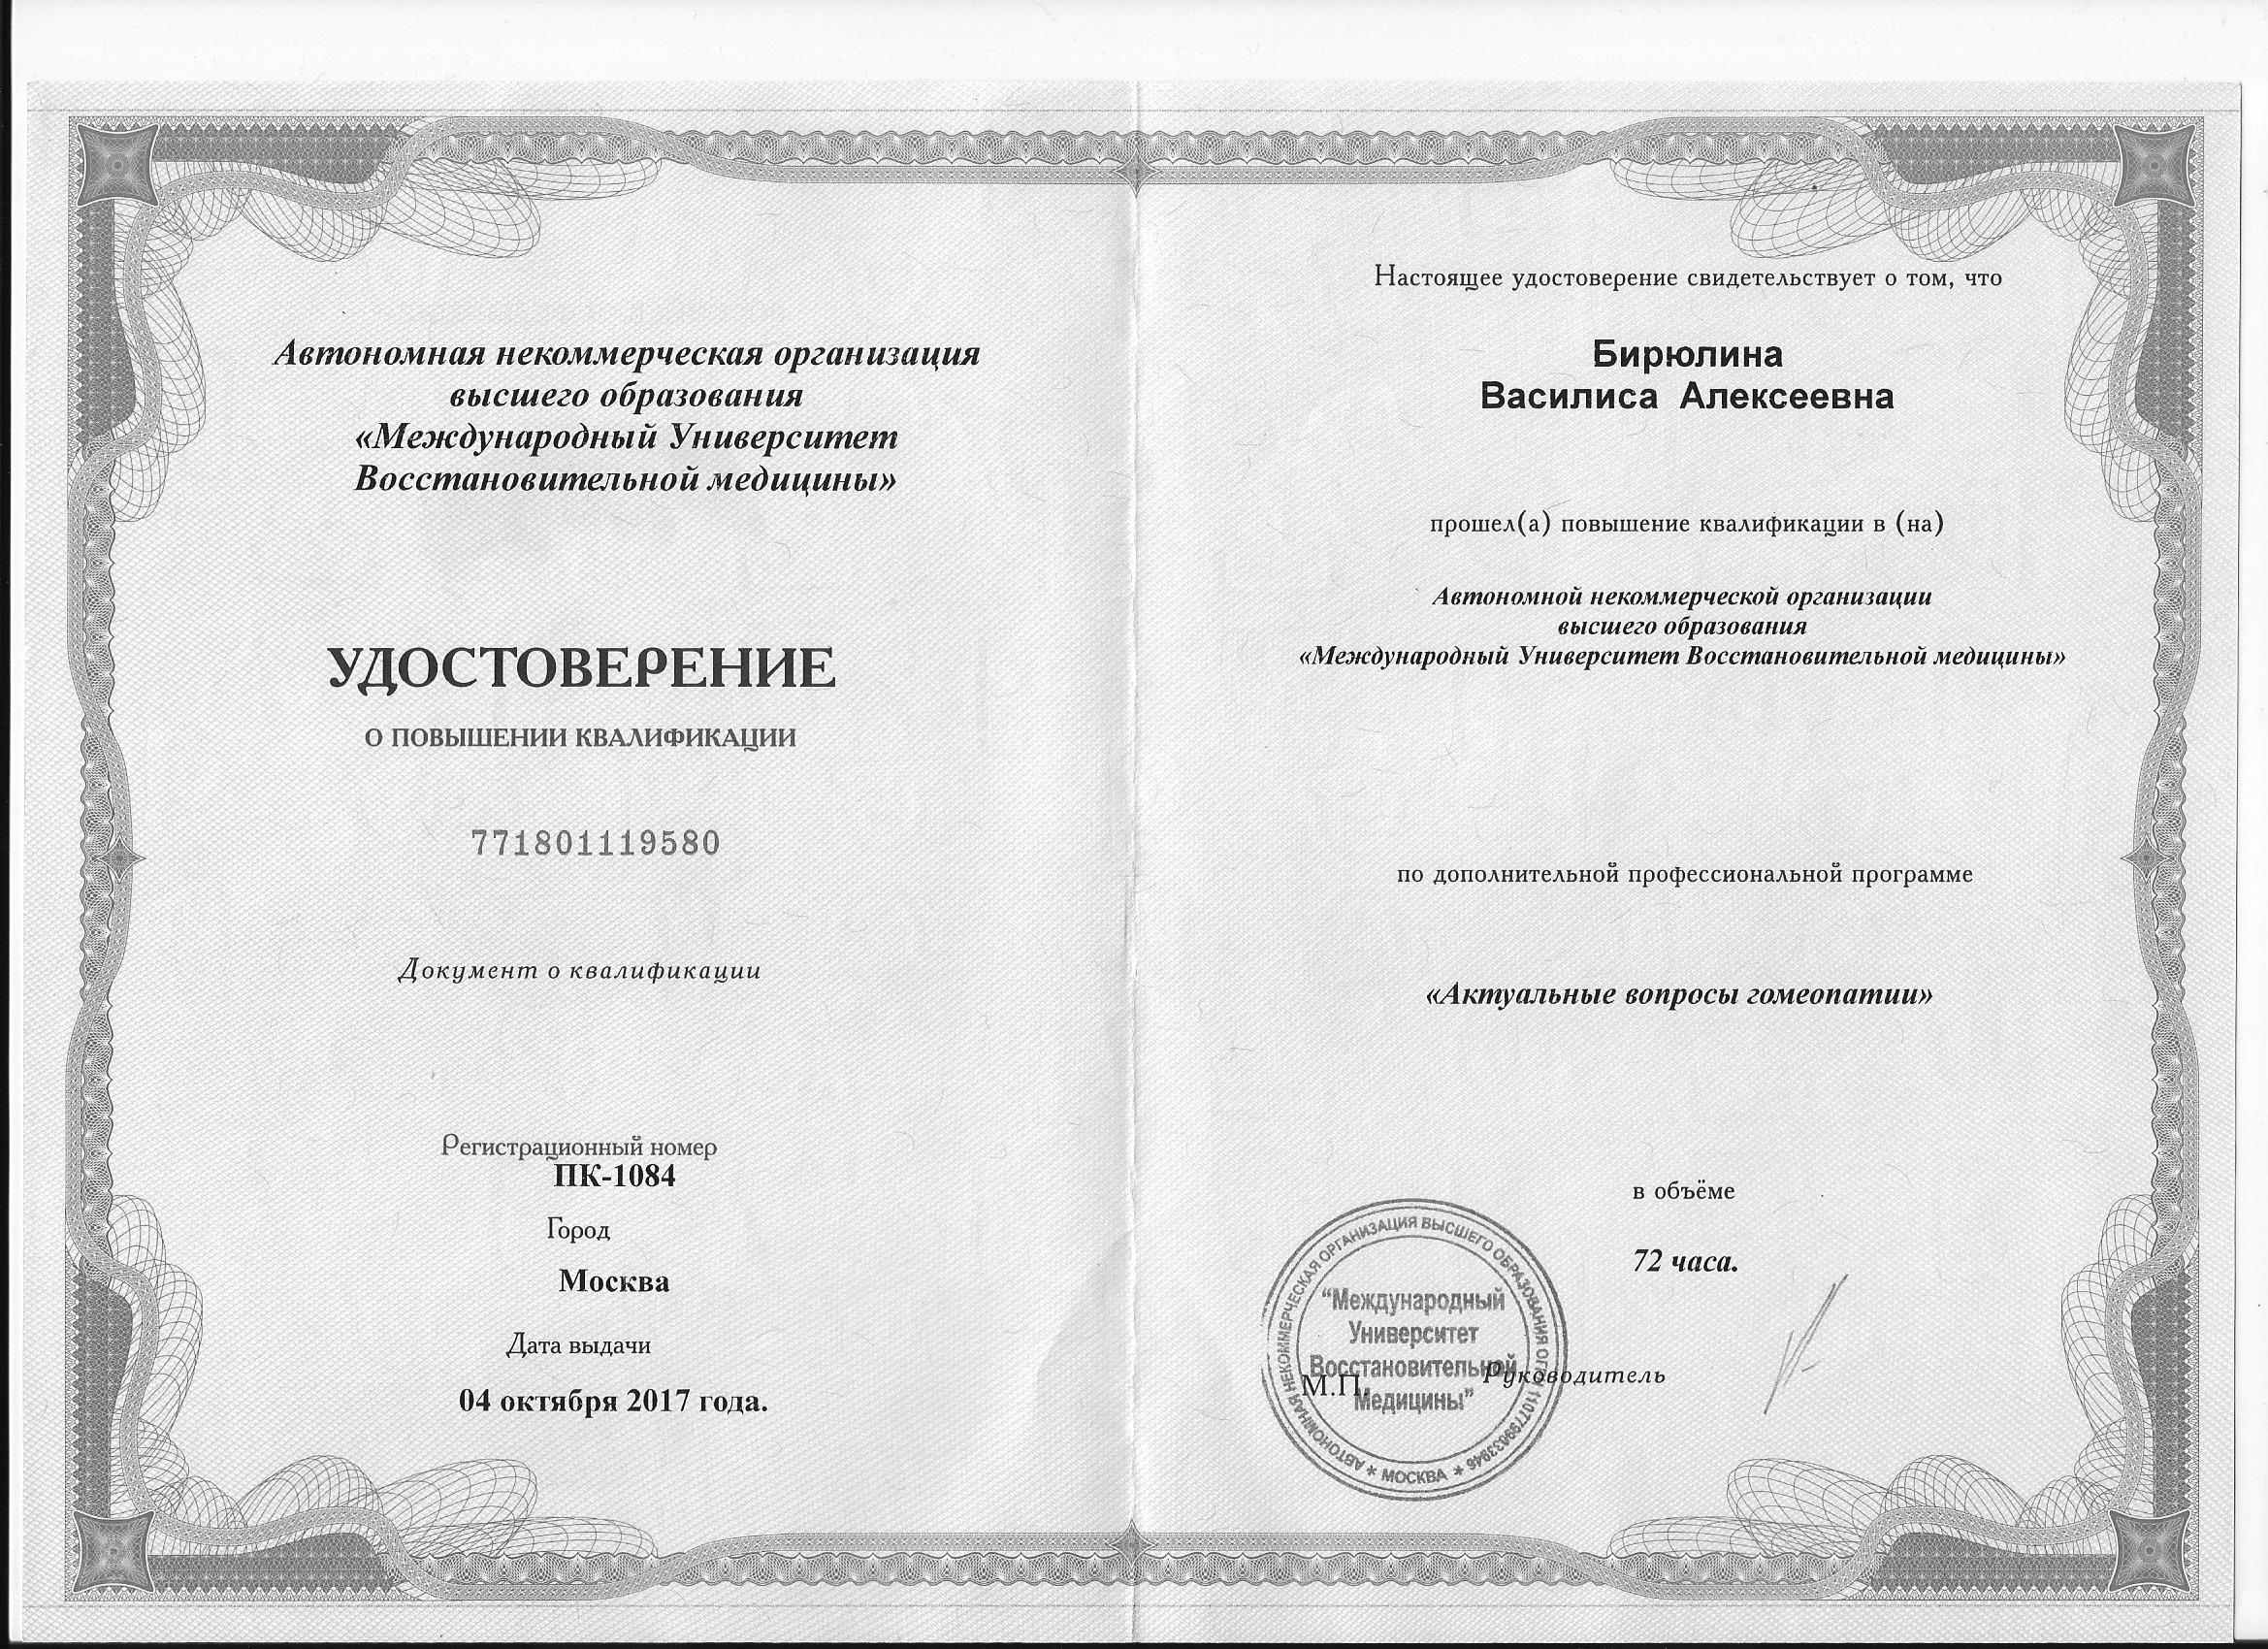 Удостоверение по повышению квалификации по гомеопатии